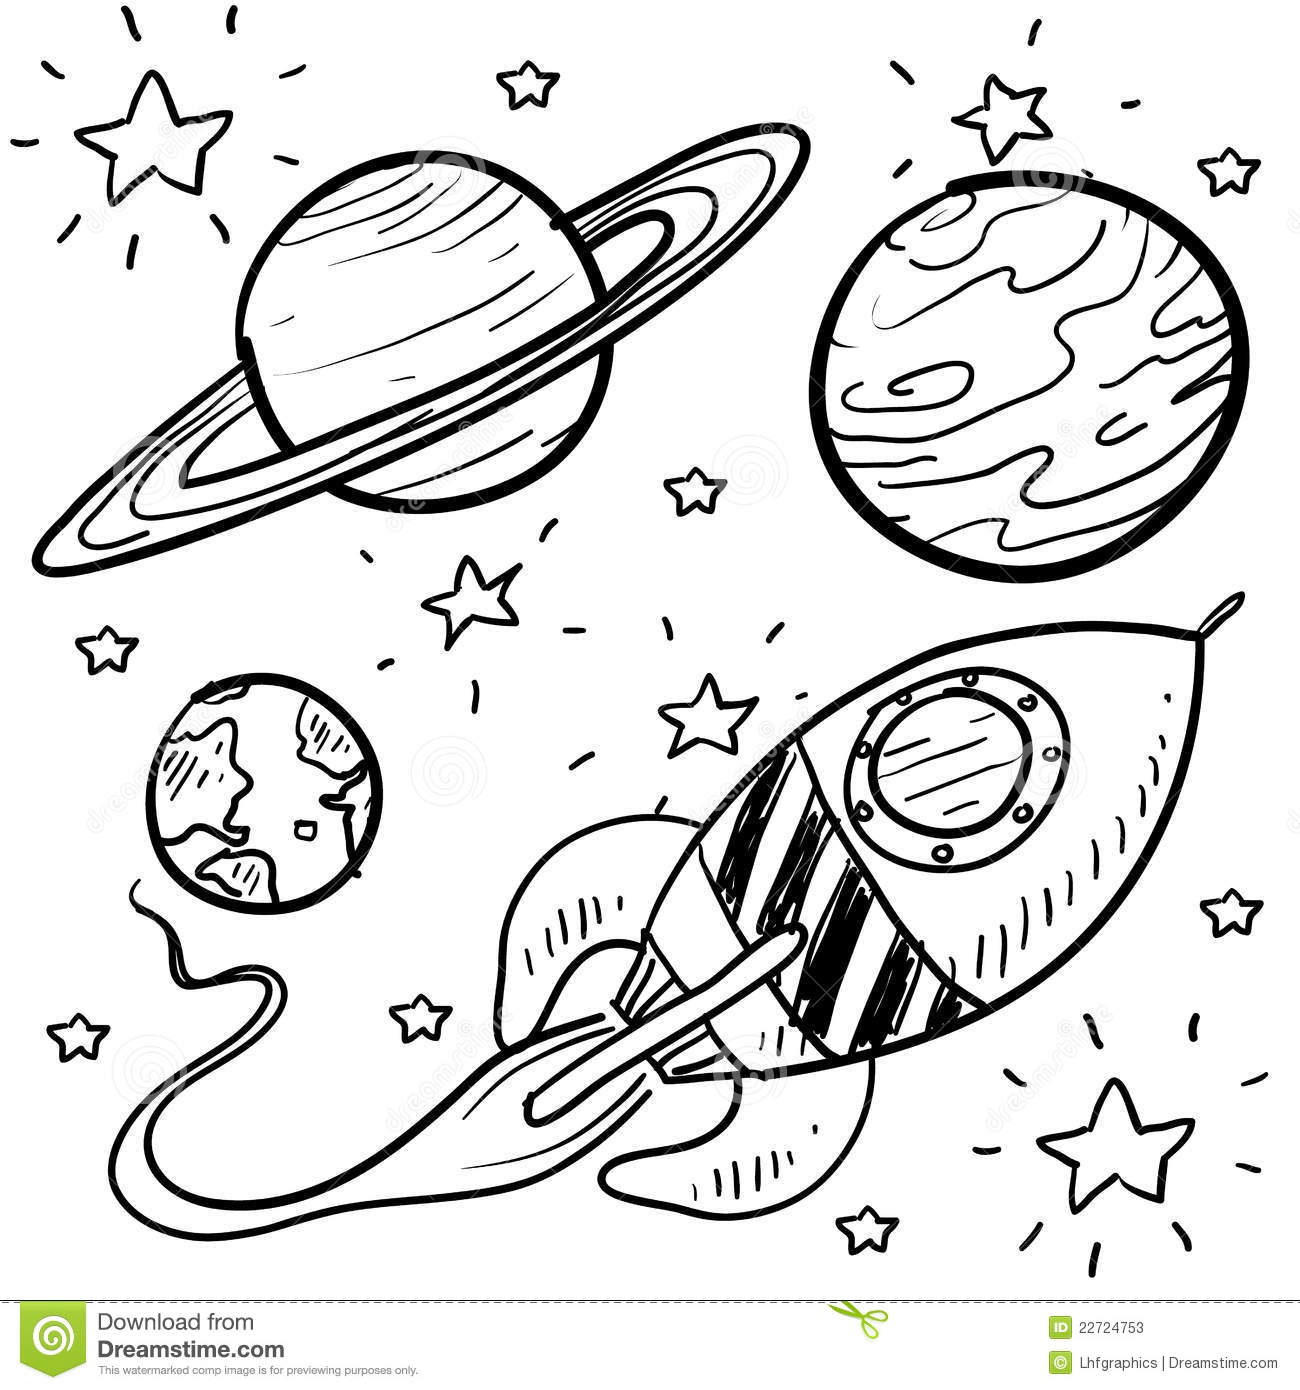 space exploration clipart - photo #43